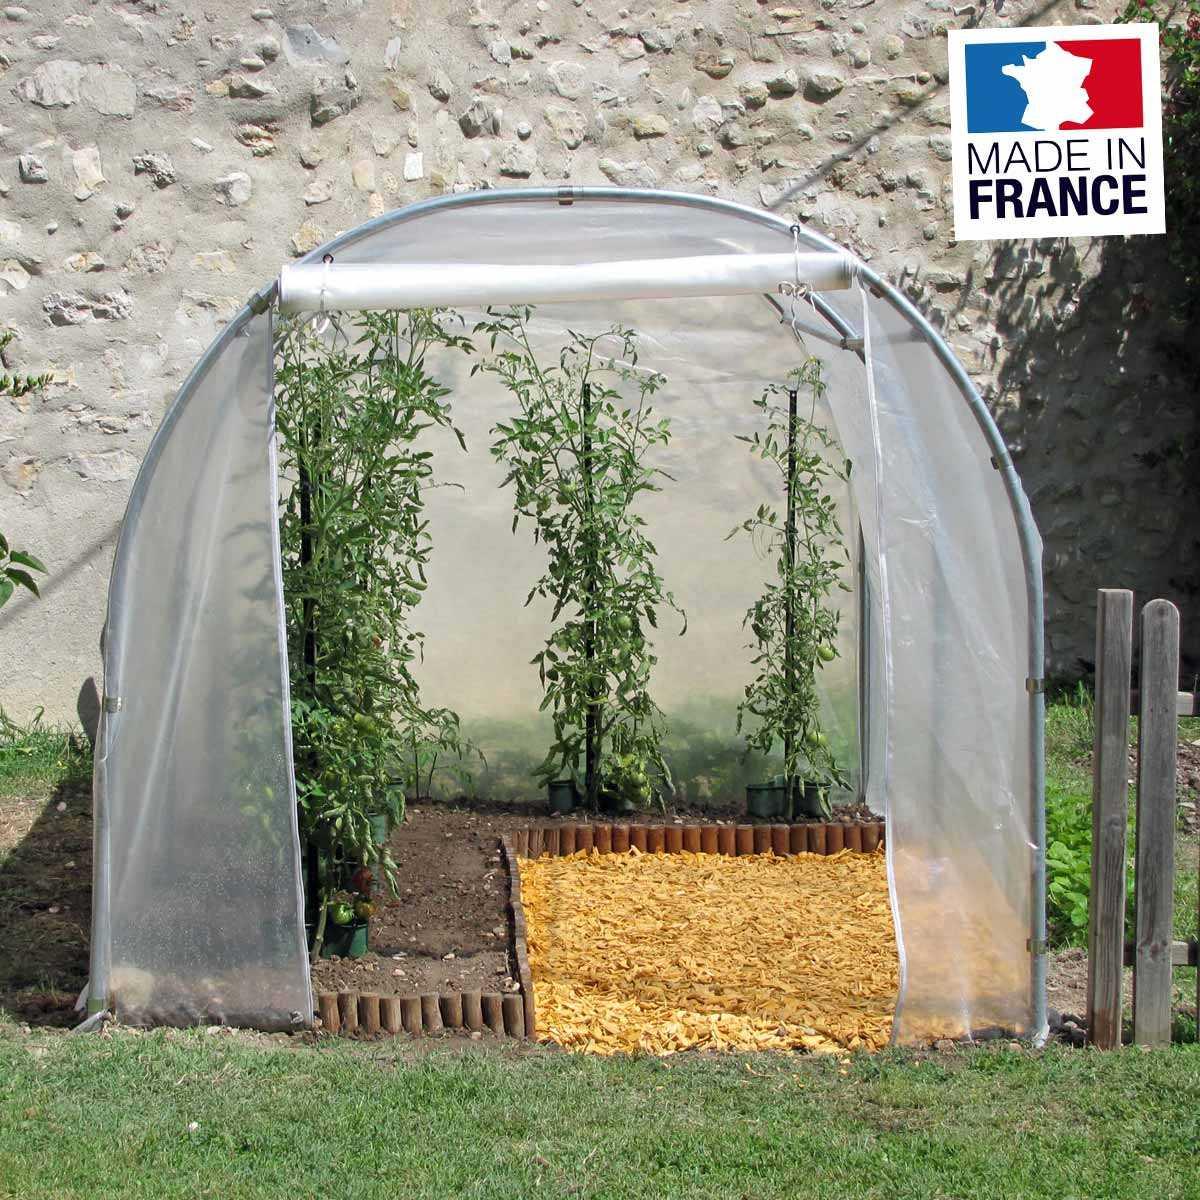 serre tunnel de jardin 2m x 3m 6m2 vente au meilleur prix jardins animes